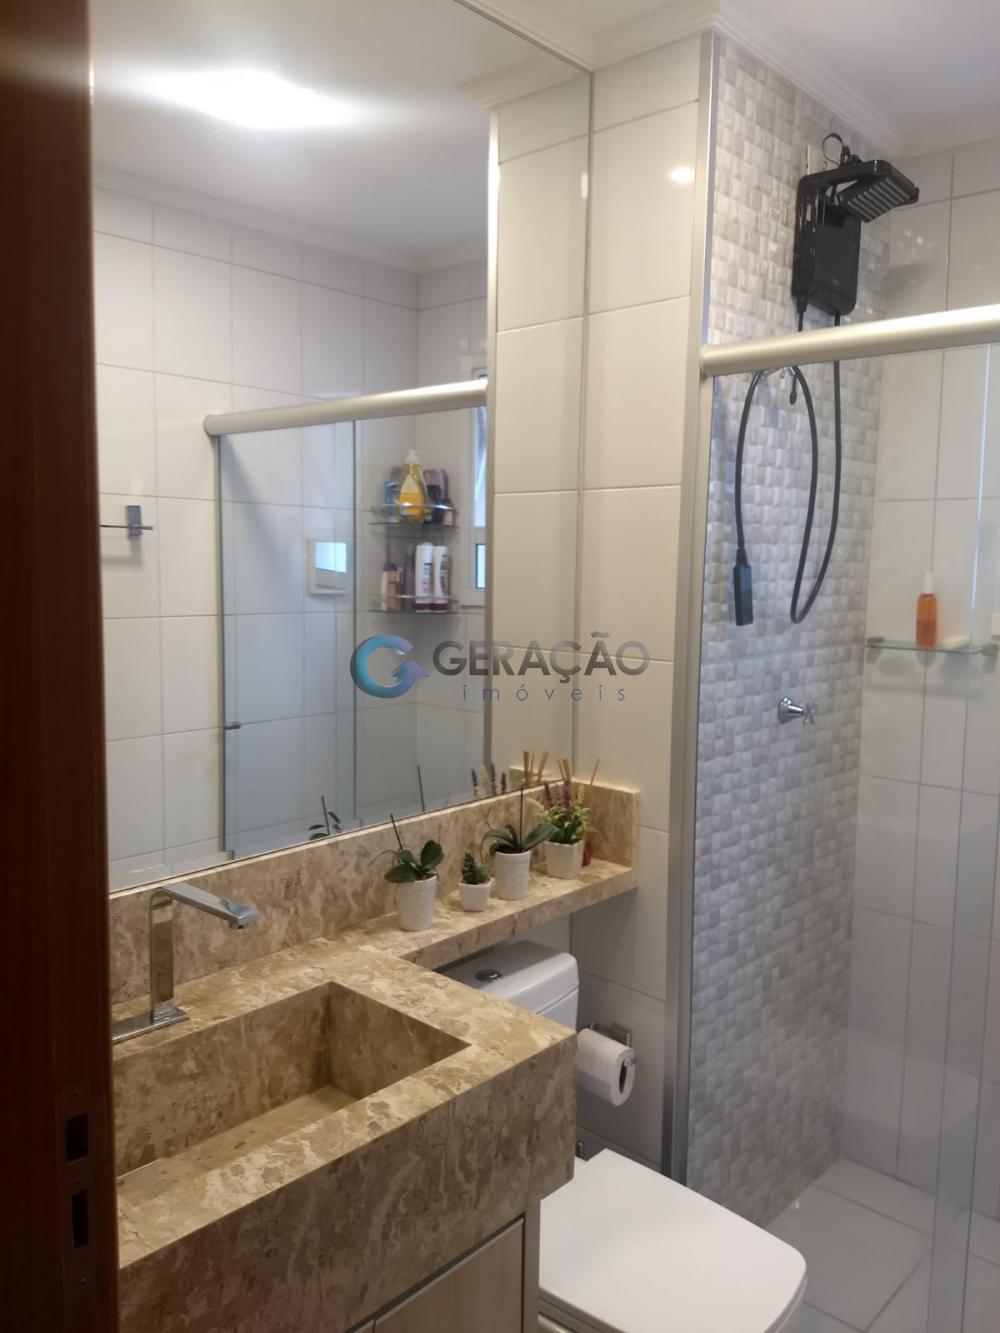 Comprar Apartamento / Padrão em São José dos Campos R$ 290.000,00 - Foto 8